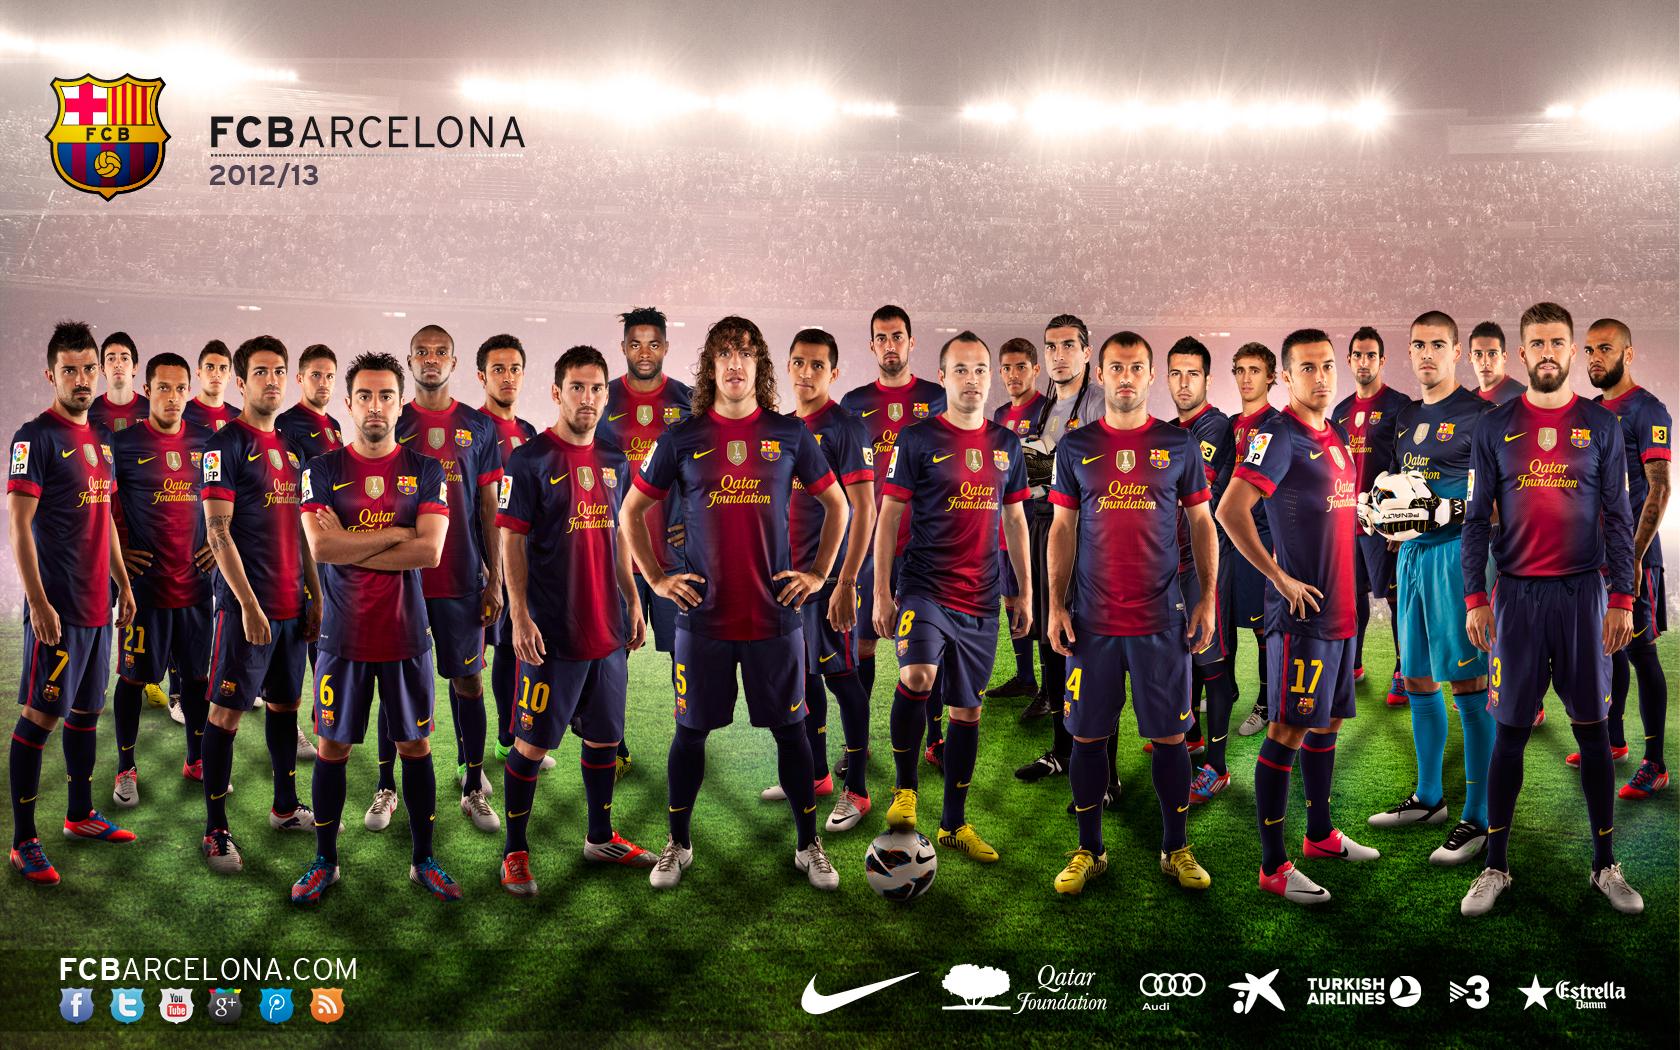 Barcelona Fc: Fonds D'écrans 2012-13